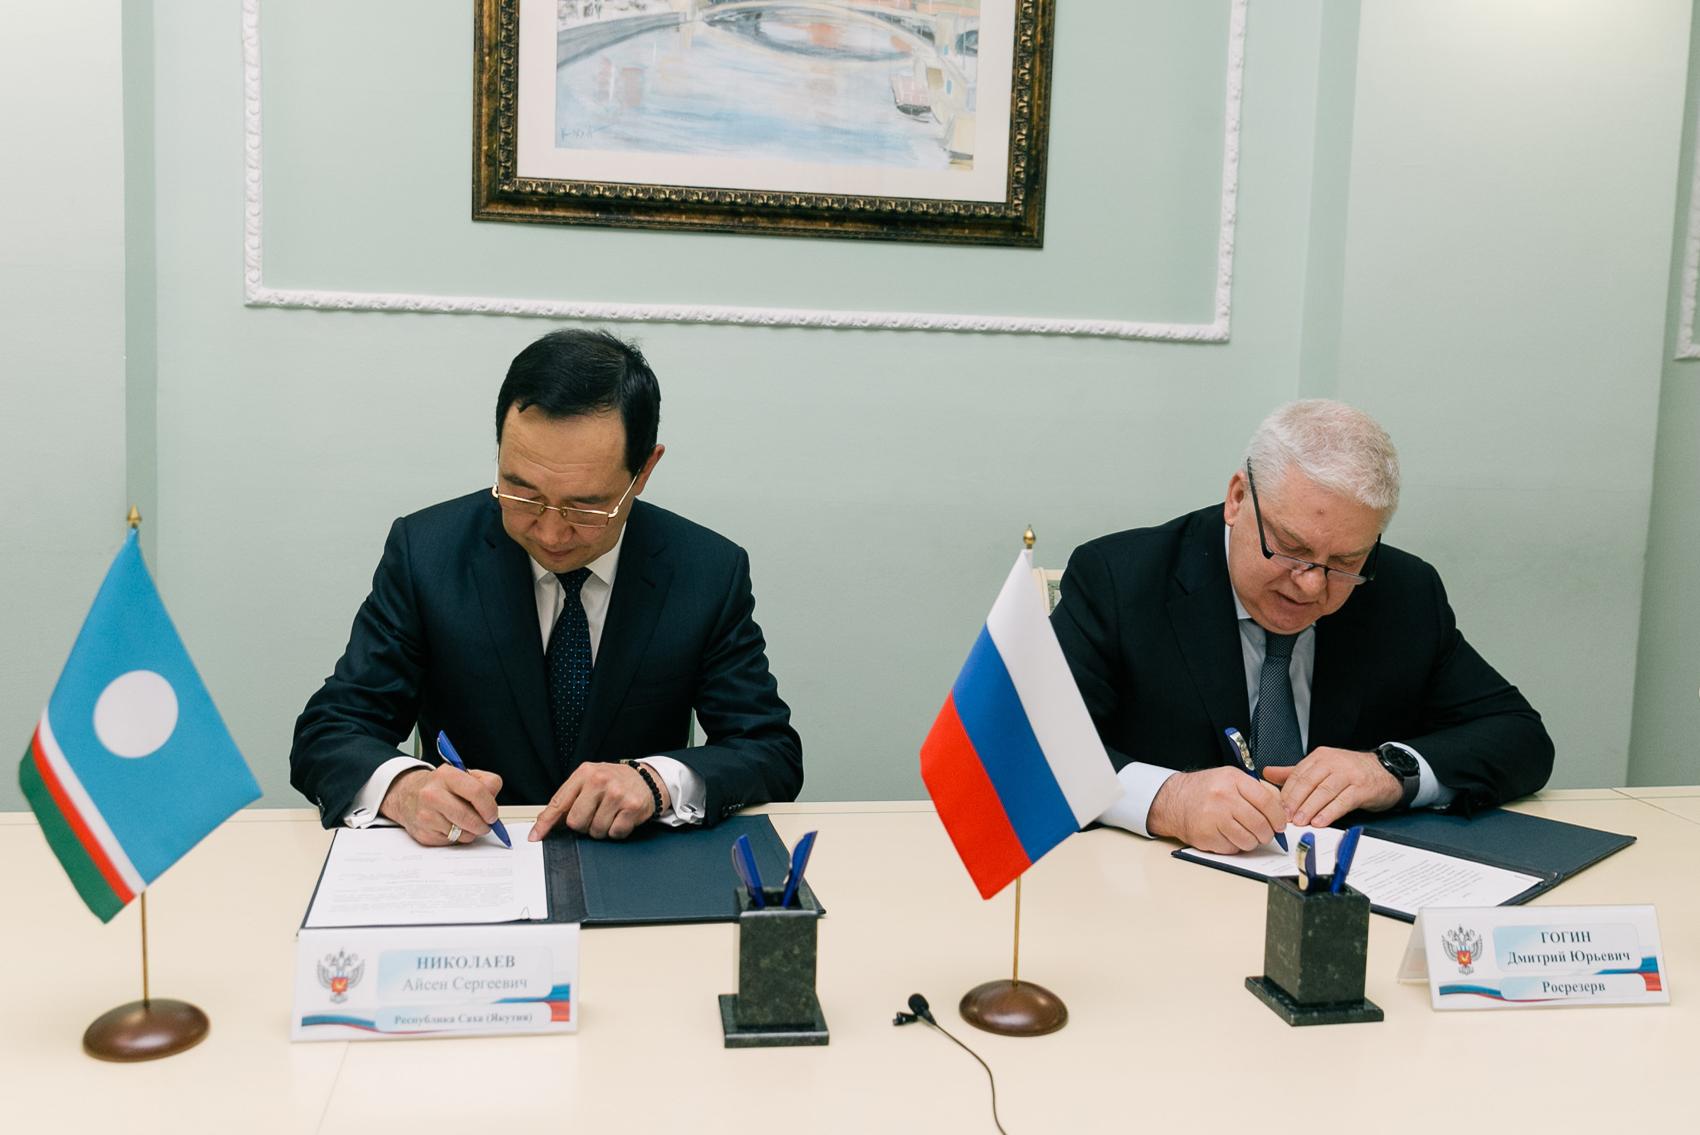 Якутия и Росрезерв будут сотрудничать при обеспечении северного завоза